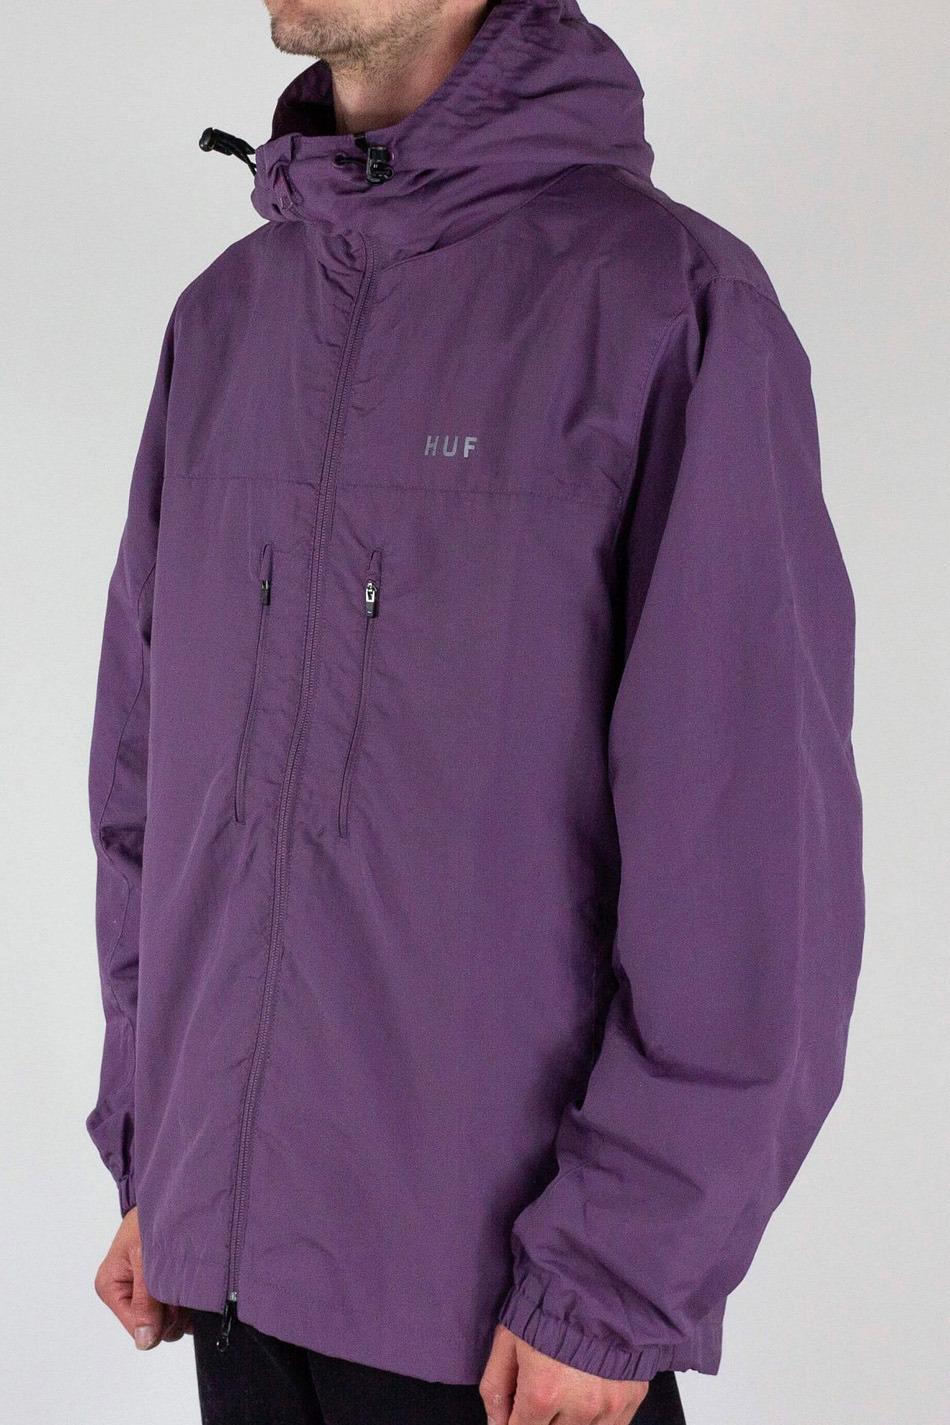 Huf Essentials Zip Violet Jacket